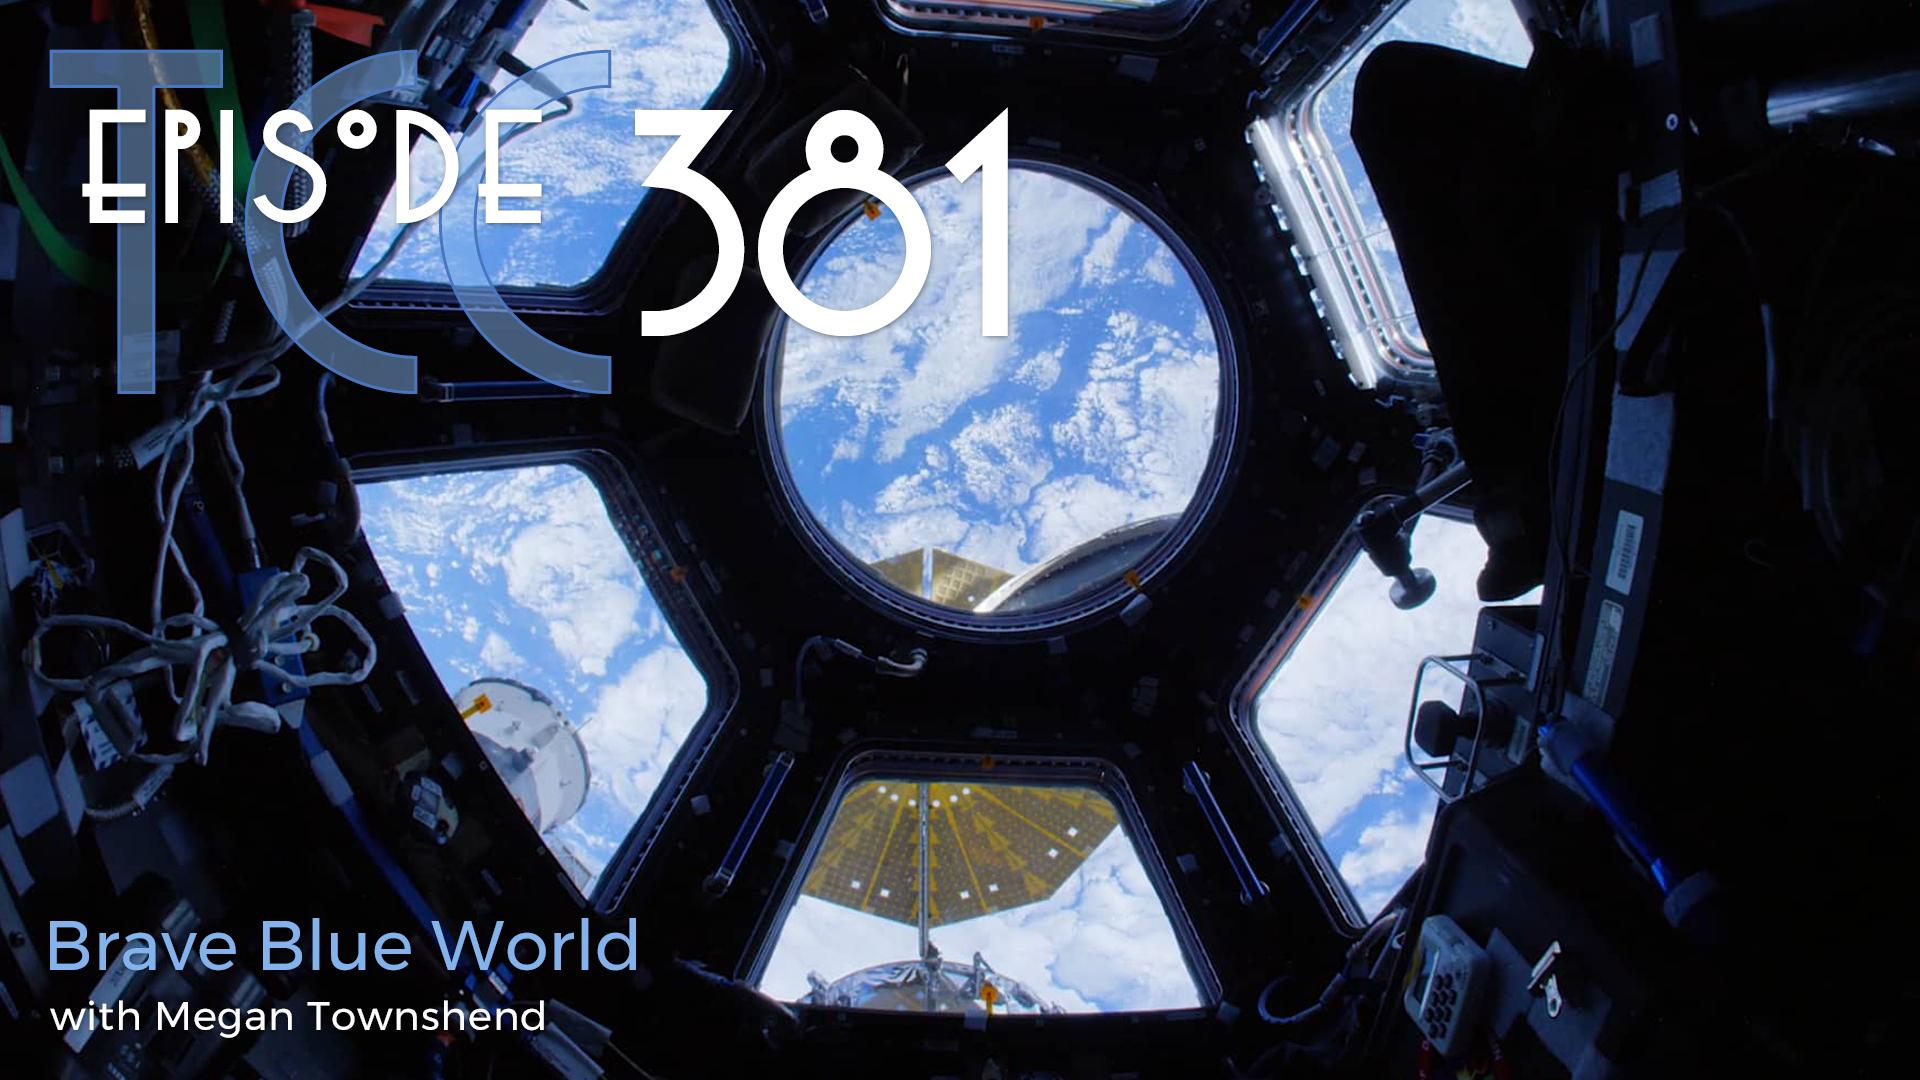 The Citadel Cafe 381: Brave Blue World